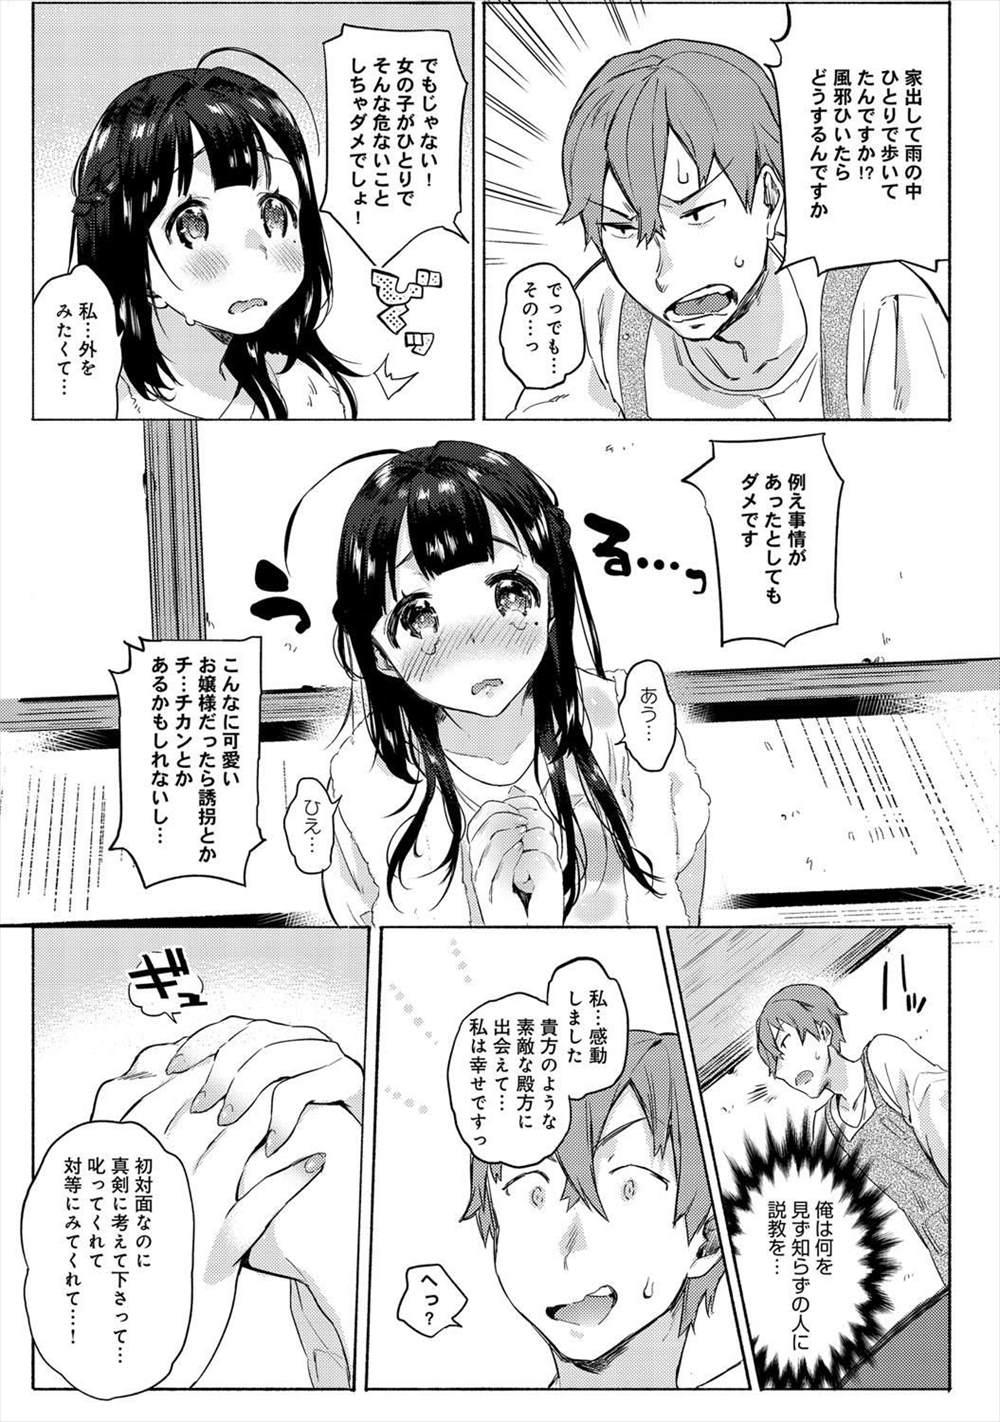 【エロ漫画】濡れ透け少女が雨宿りのお礼に「子作りセックスしてください!」とおまんこくぱぁしてくるwwww